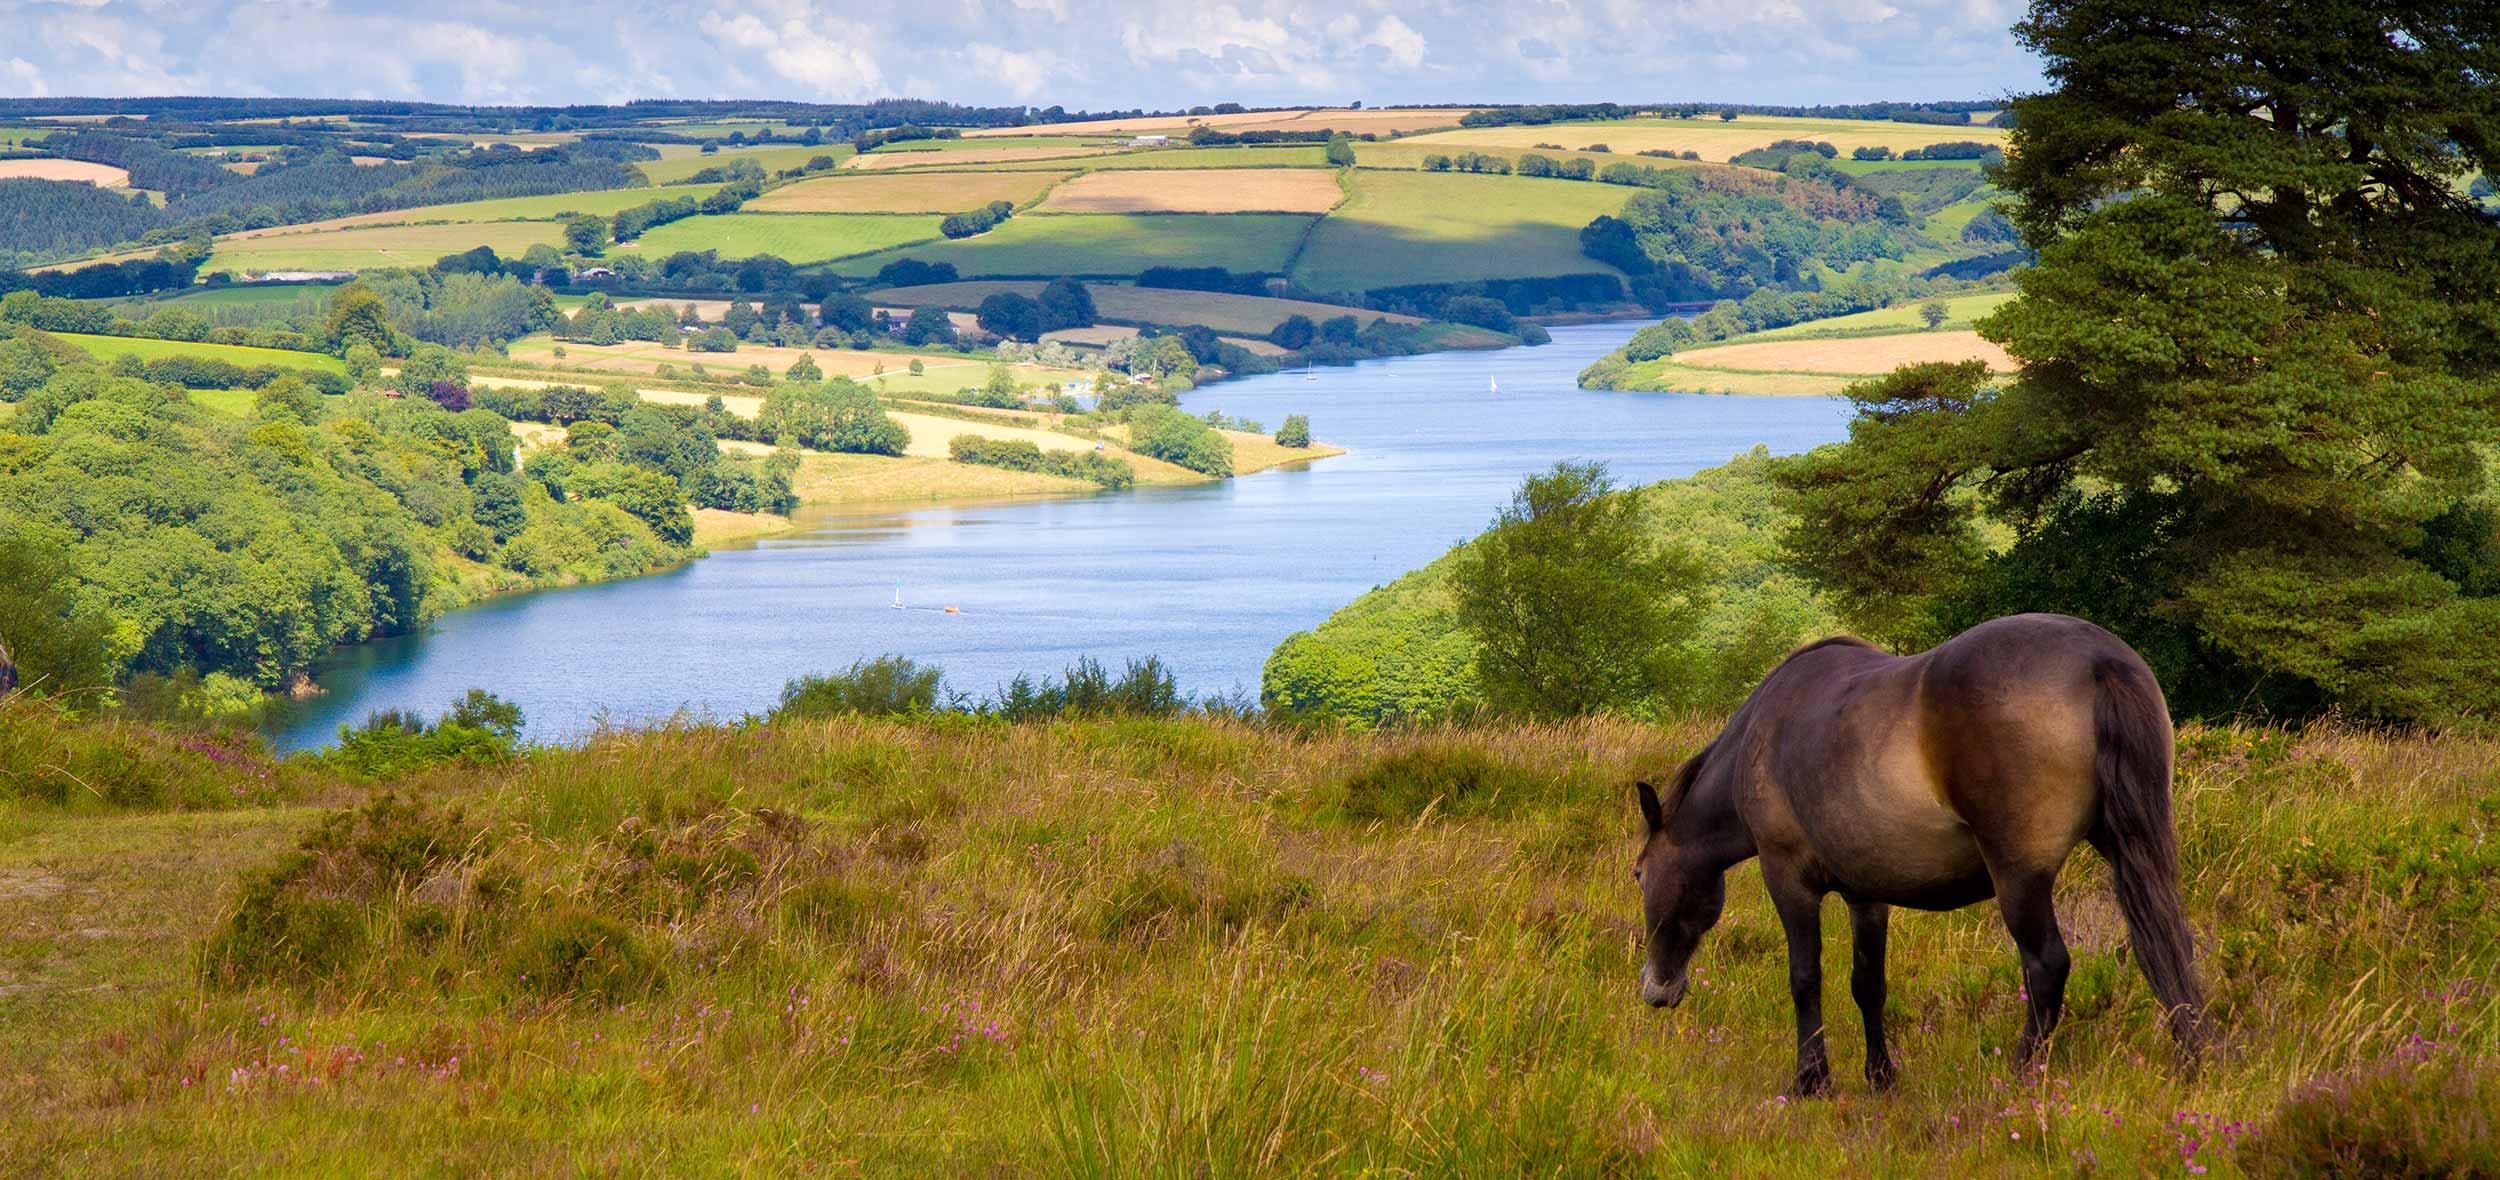 horse_landscape_109617683